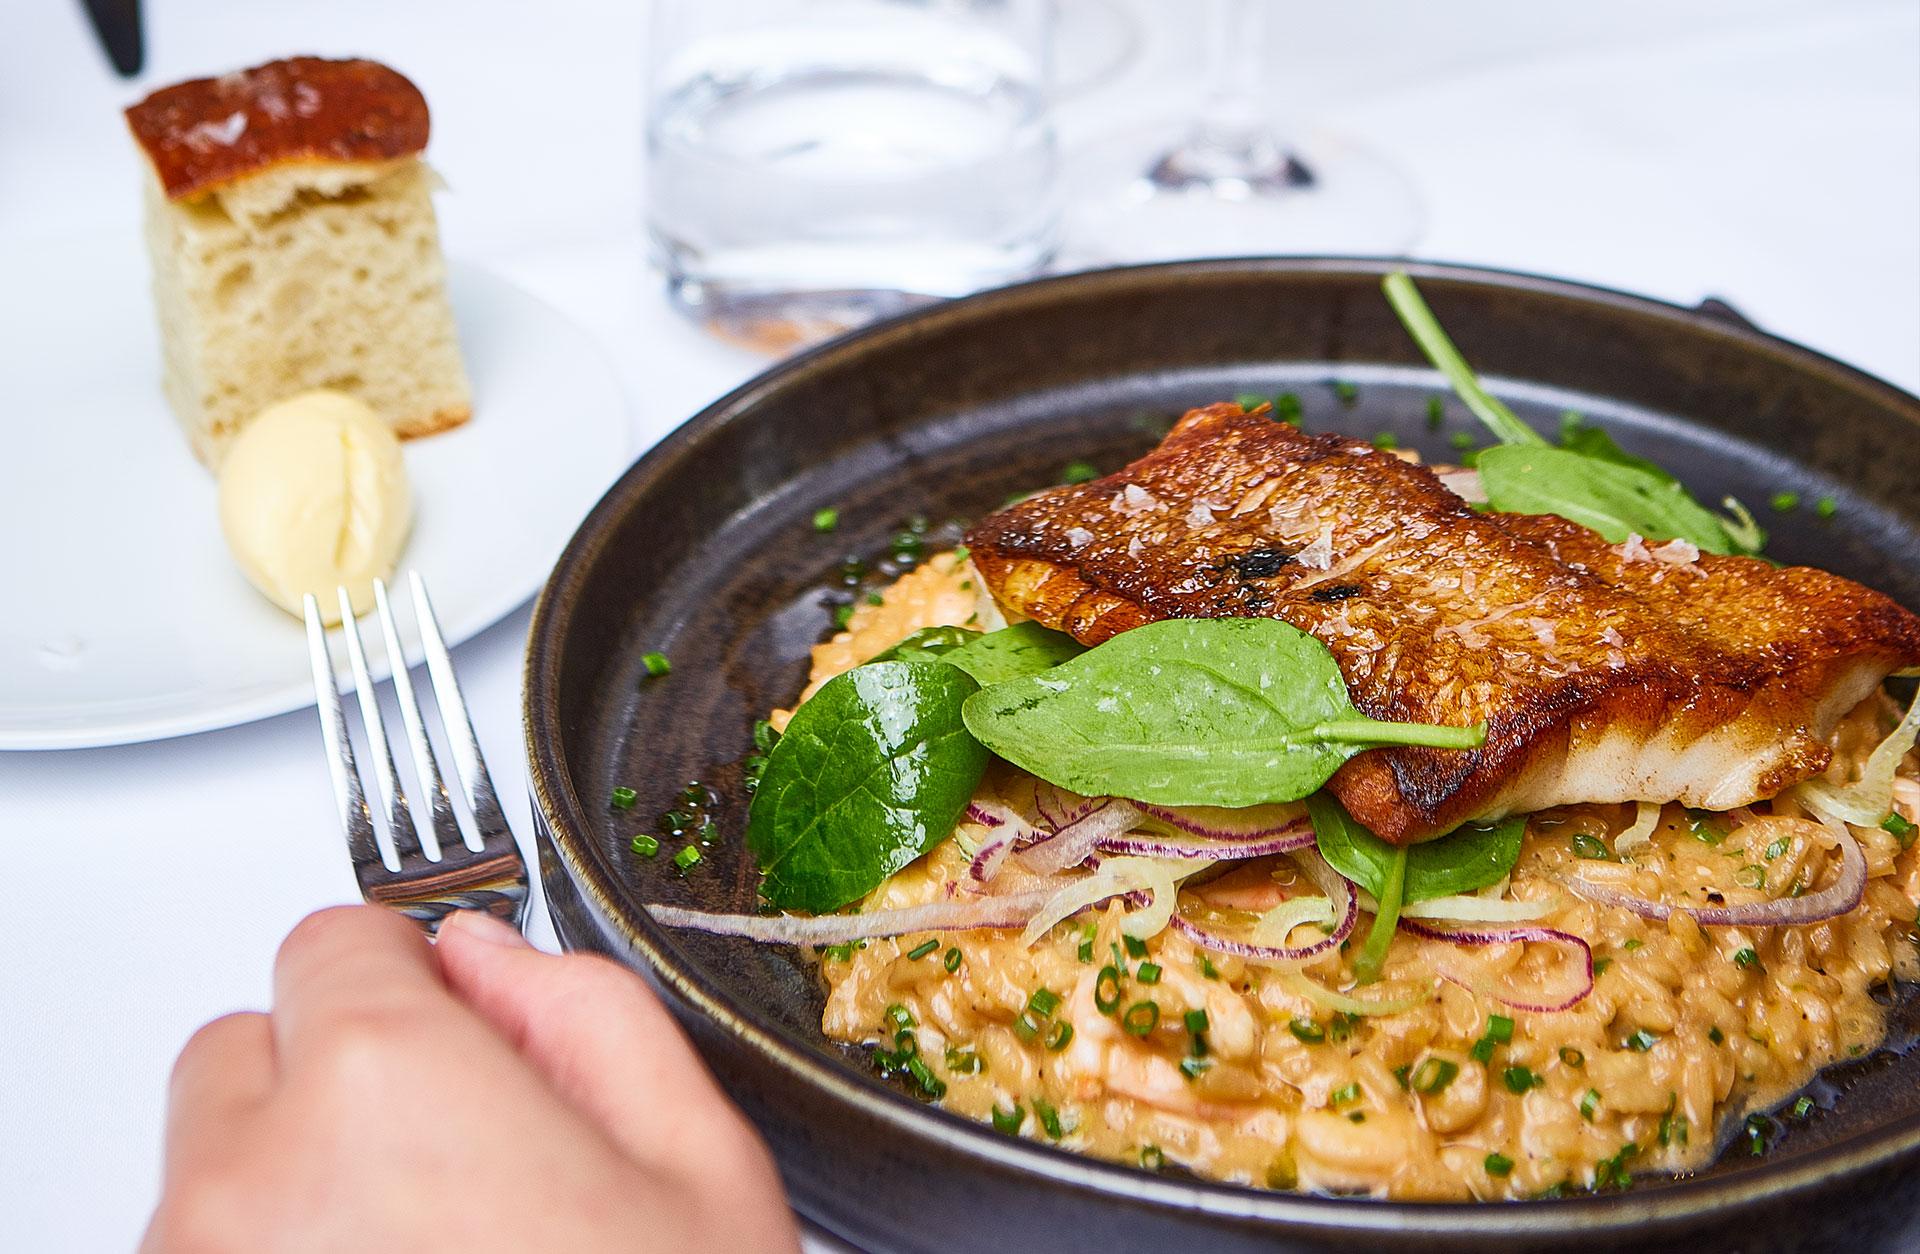 Tallrik med skaldjursrisotto med fisk uppdukat på bord med vit duk.